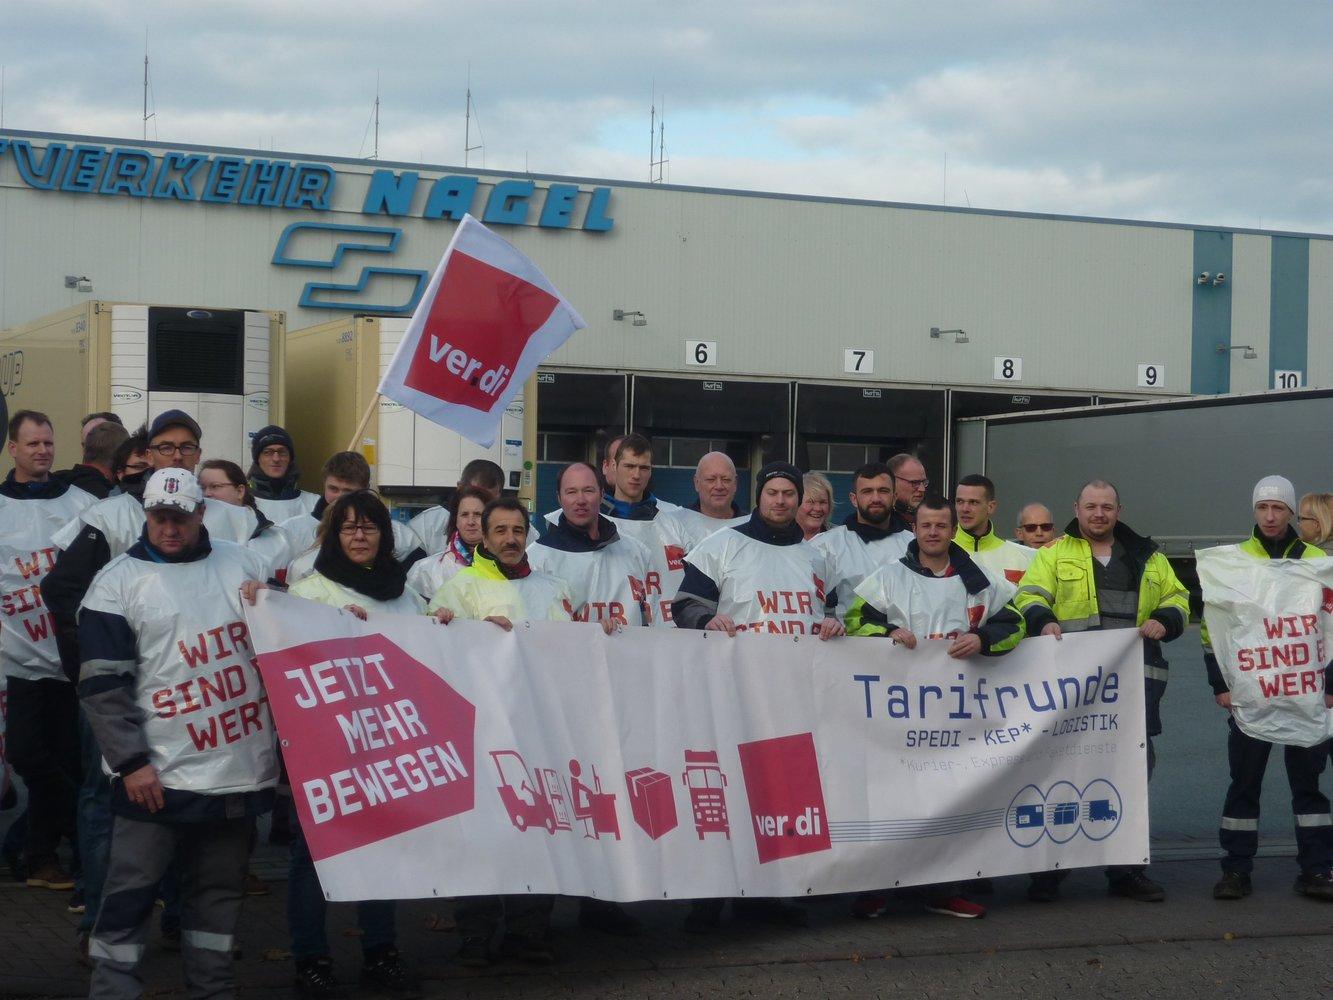 ver.di – Erfolgreicher Streik bei Kraftverkehr Nagel in Achim: WEIL ...